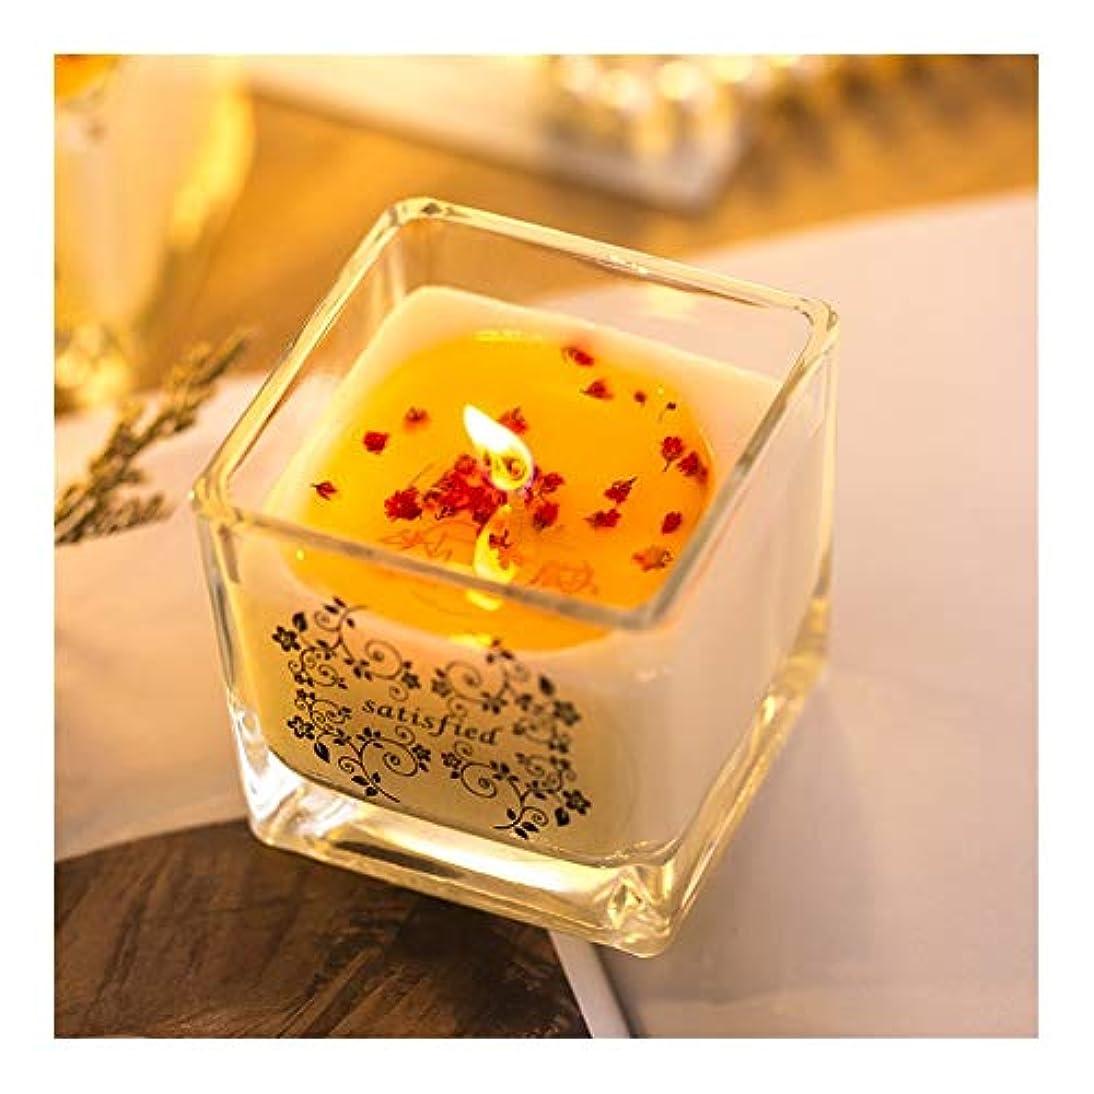 スーパーマーケット退屈なフォームGuomao 手作りアロマセラピー大豆キャンドルロマンチックな結婚結婚ガラスの花びら輸入無煙エッセンシャルオイルキャンドル卸売 (色 : Lavender)